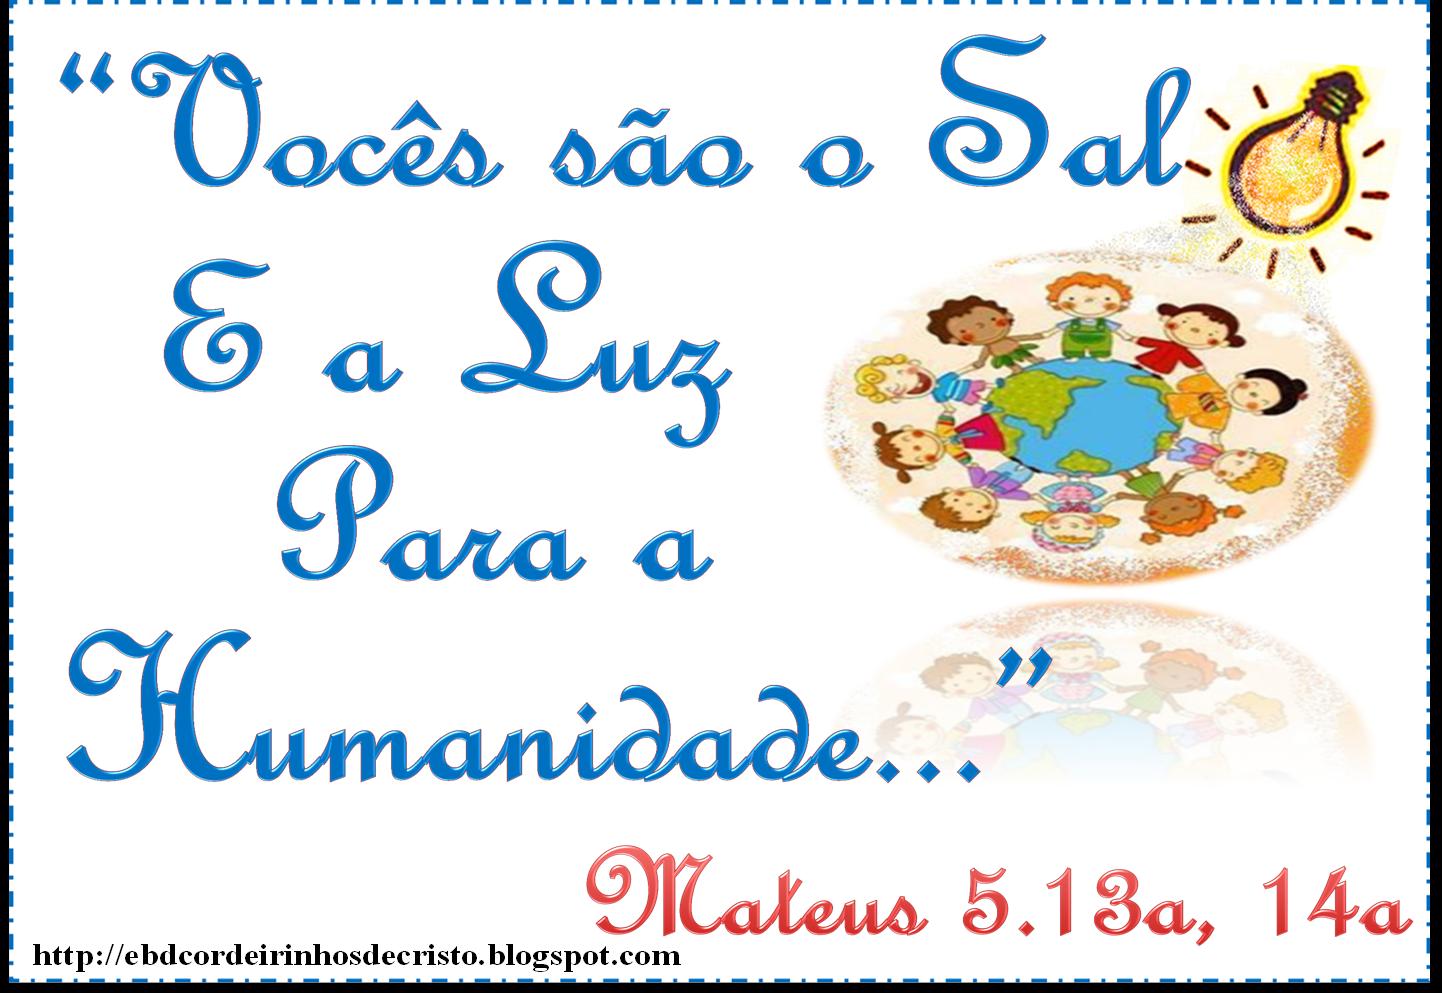 EBD Cordeirinhos de Cristo: EBD Juniores CPAD Lição 11 - Jesus Ensina sobre  o Sal e a Luz do Mundo